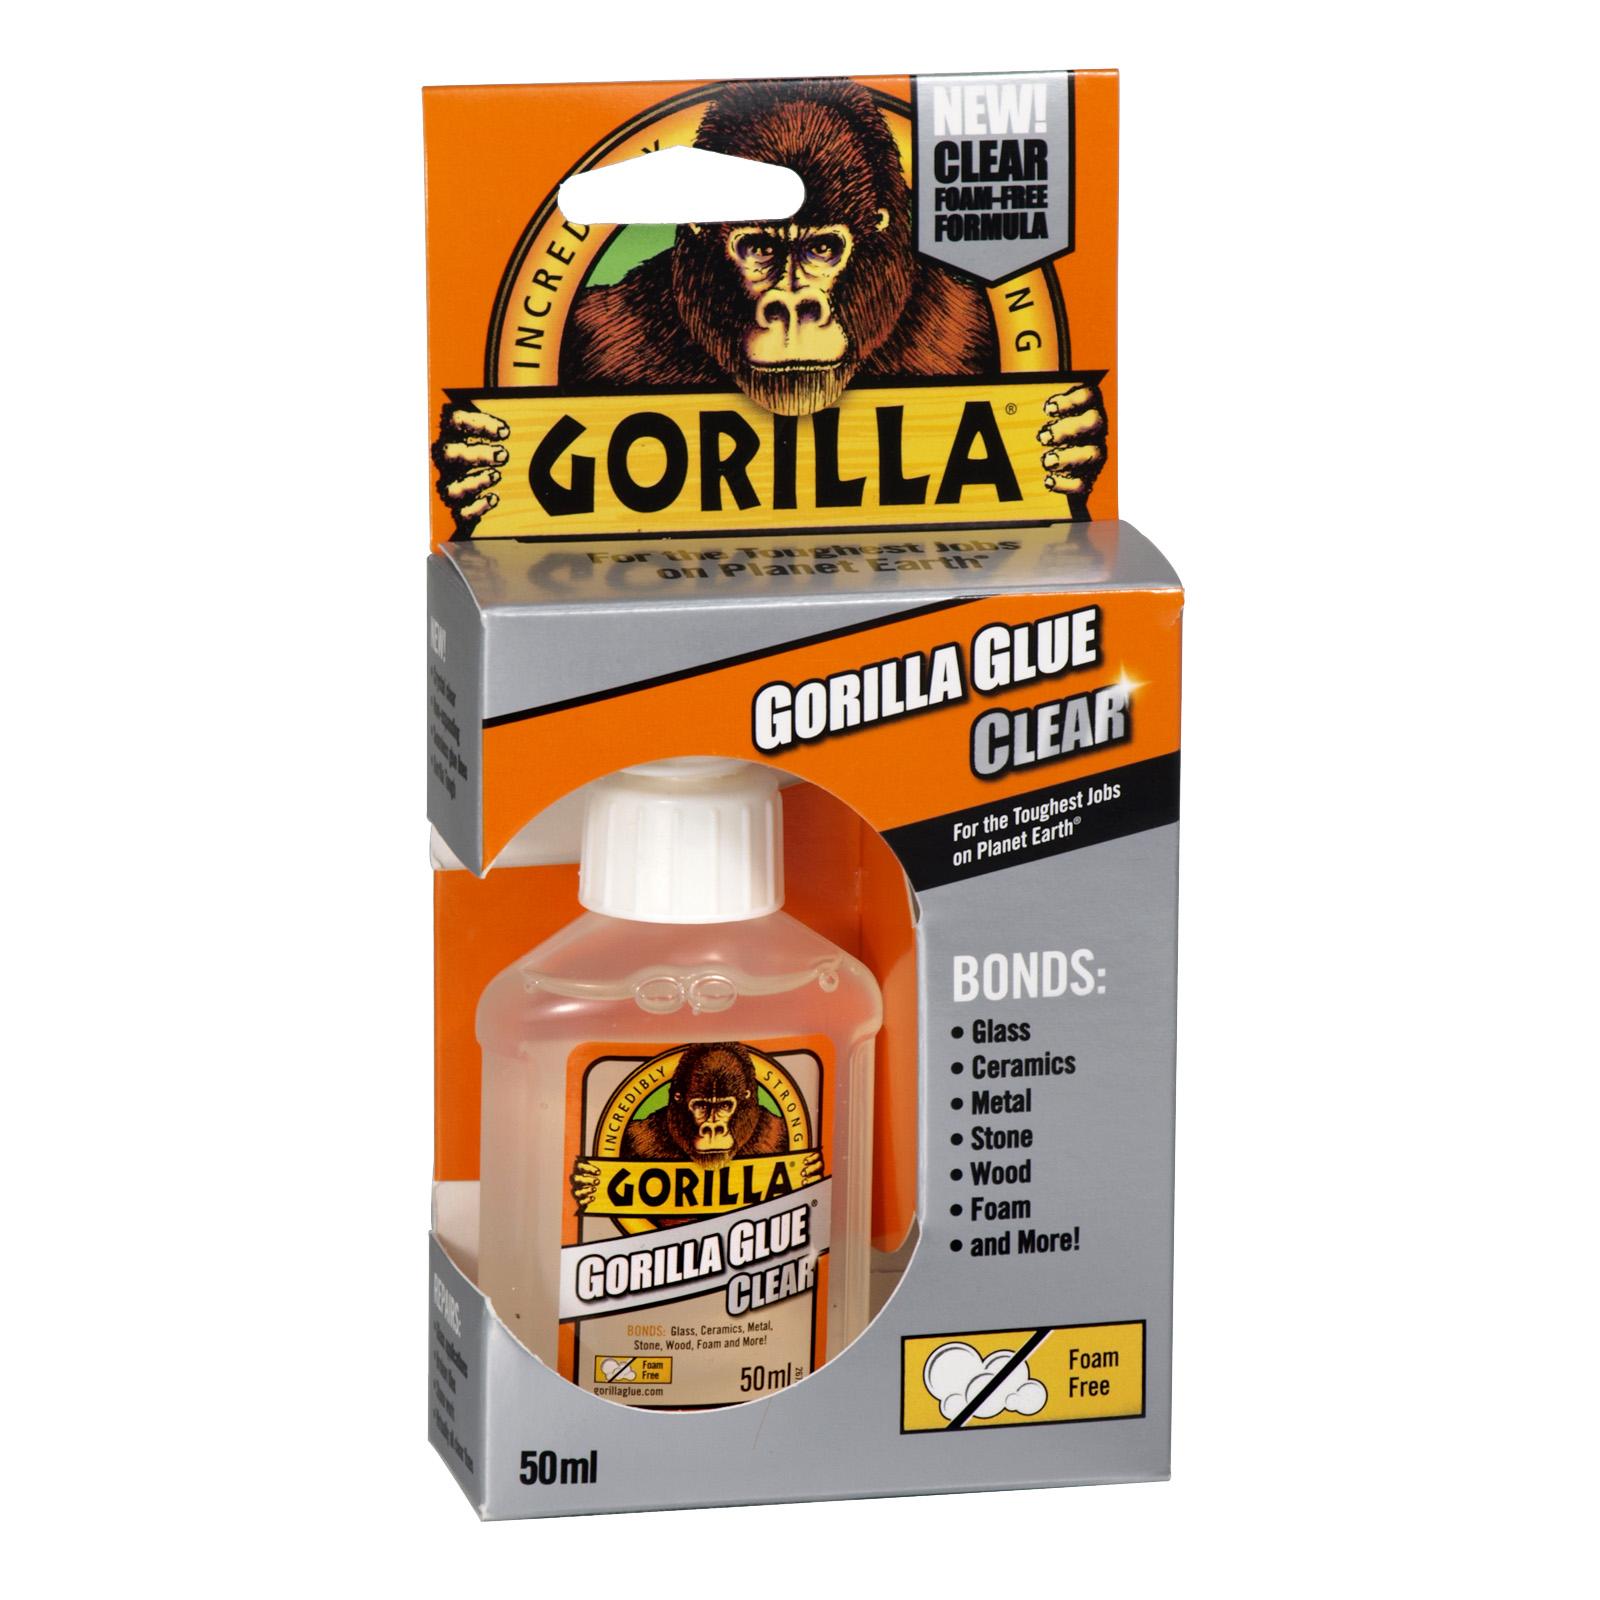 GORILLA GLUE 50ML CLEAR